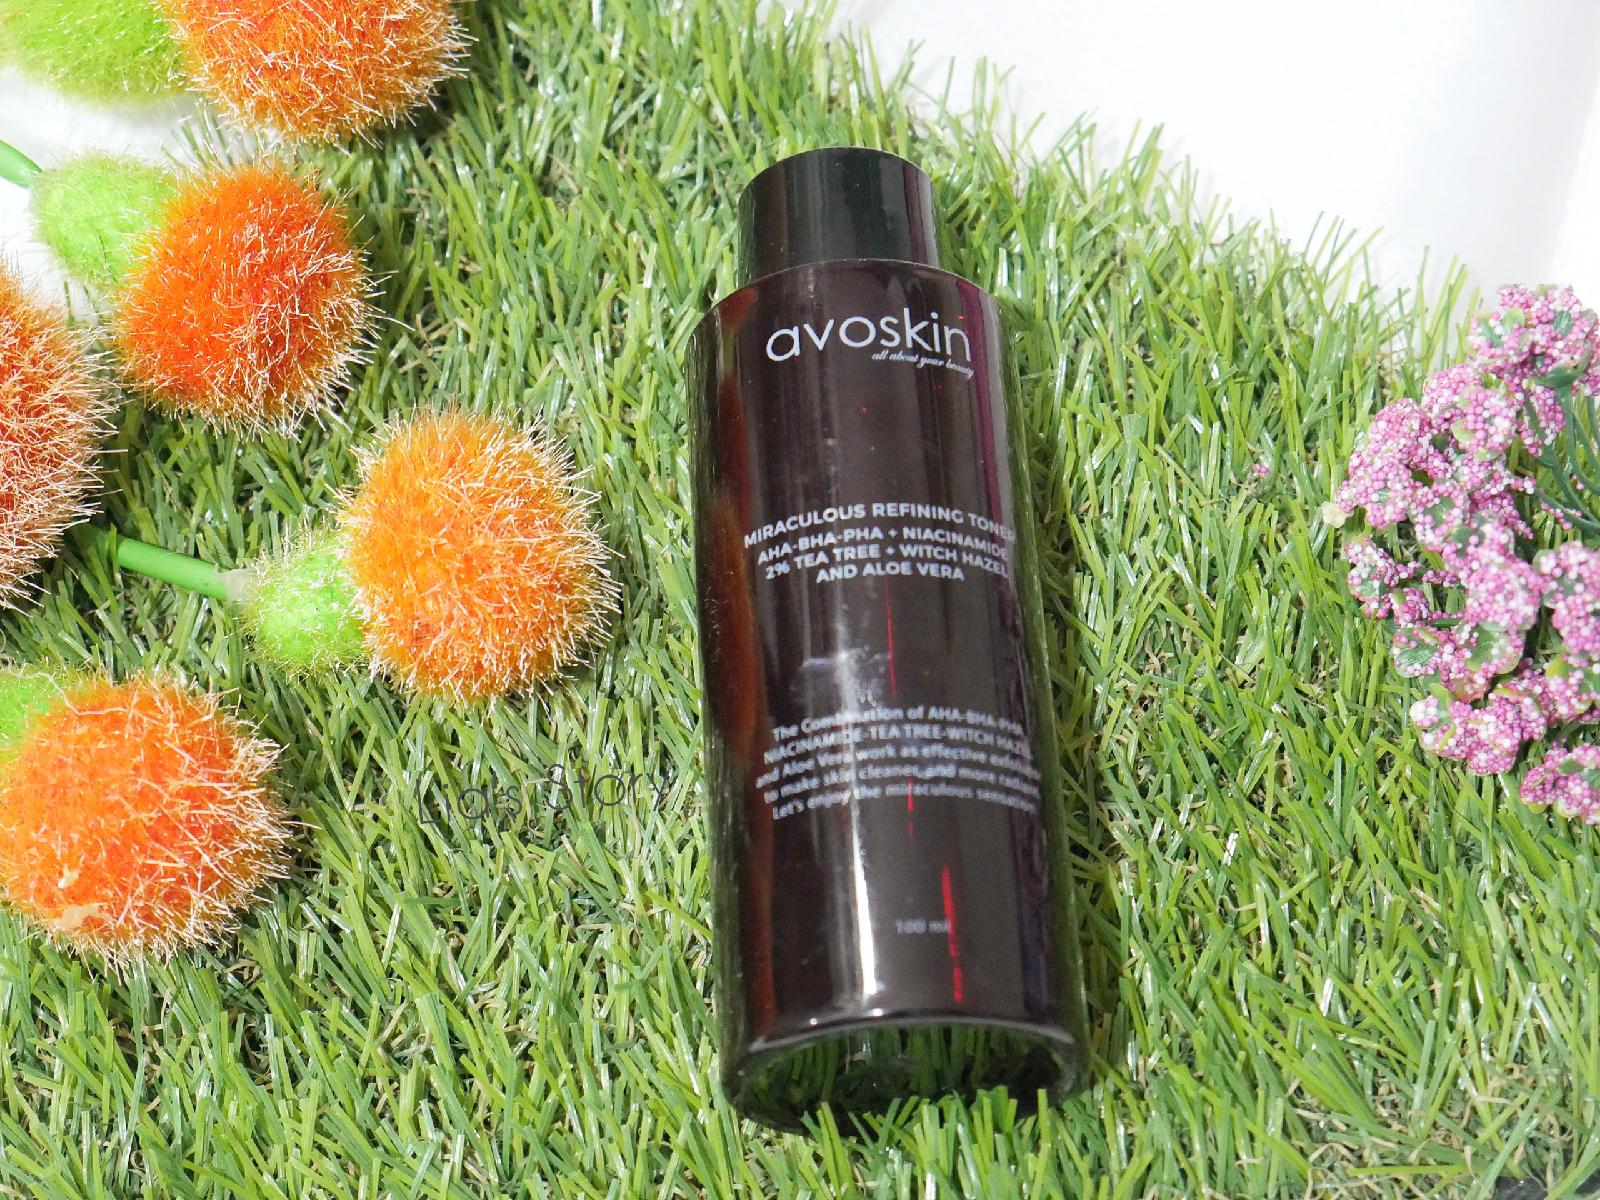 review-avoskin-miraculous-refining-toner